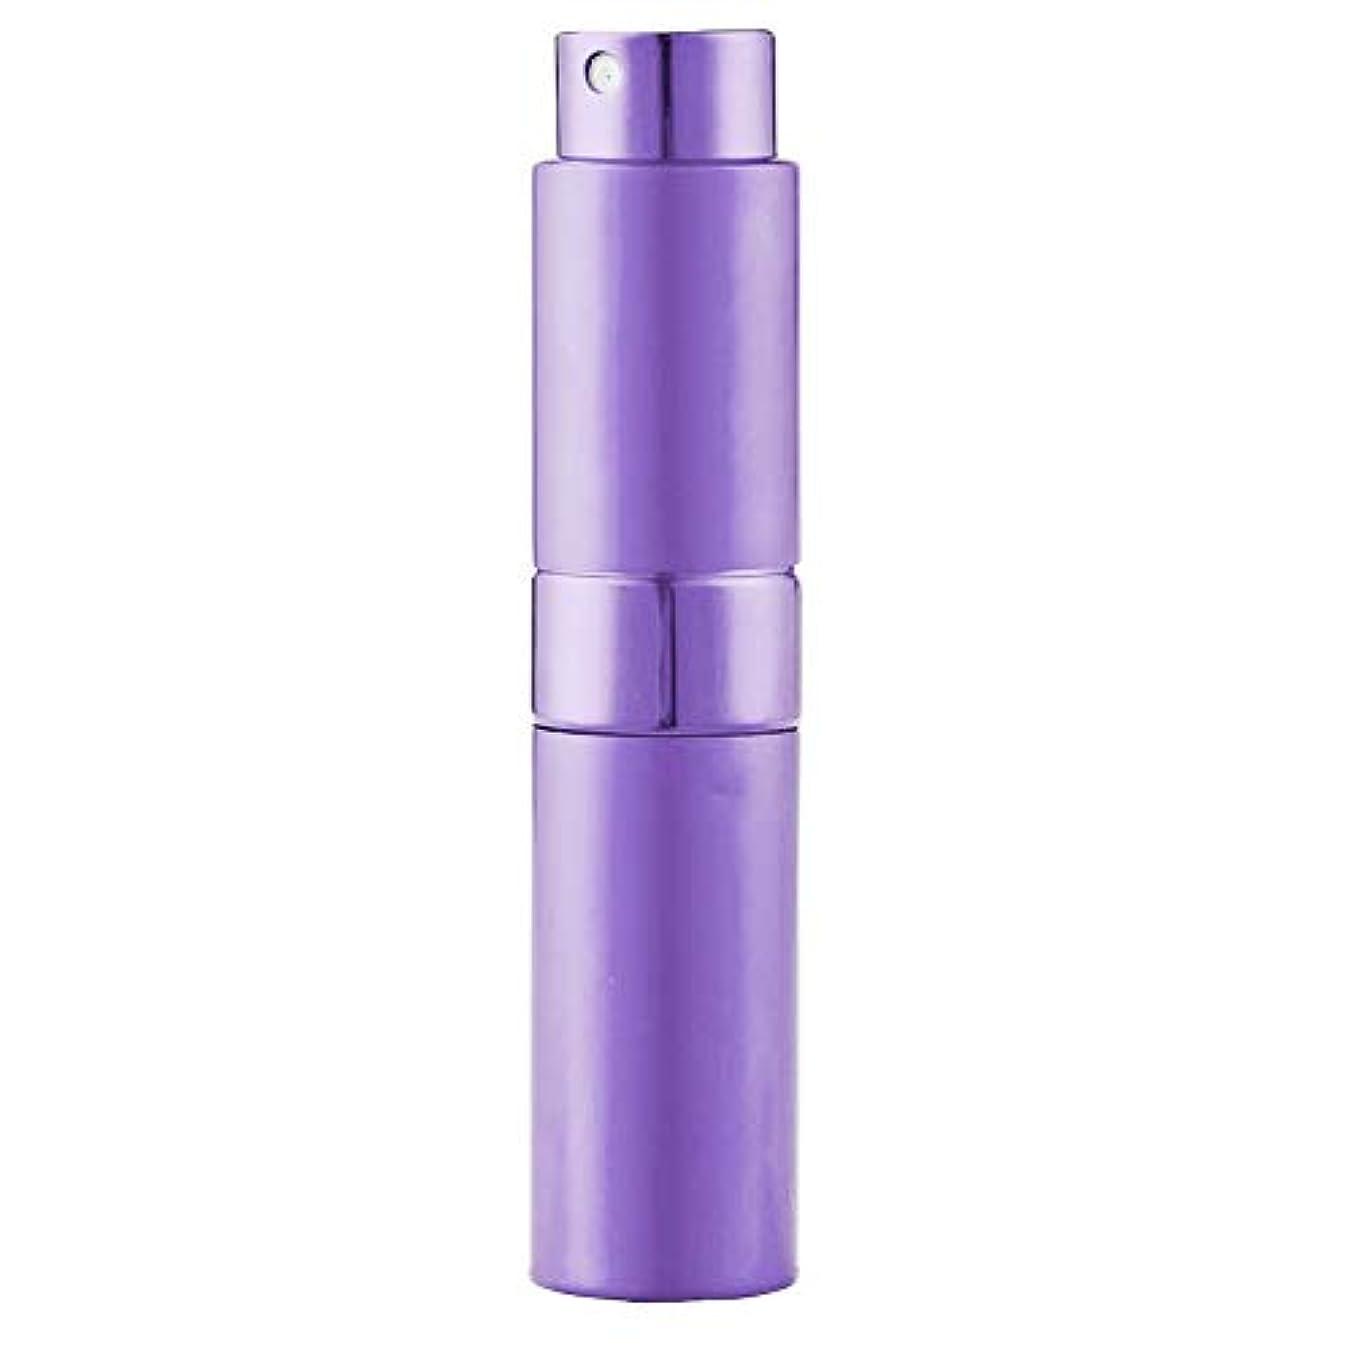 接辞追放する吸うLadygogo 香水アトマイザーセット 回転プッシュ式 スプレー ボトル 香水スプレー 詰め替え 持ち運び 身だしなみ 携帯用 男女兼用 (紫)